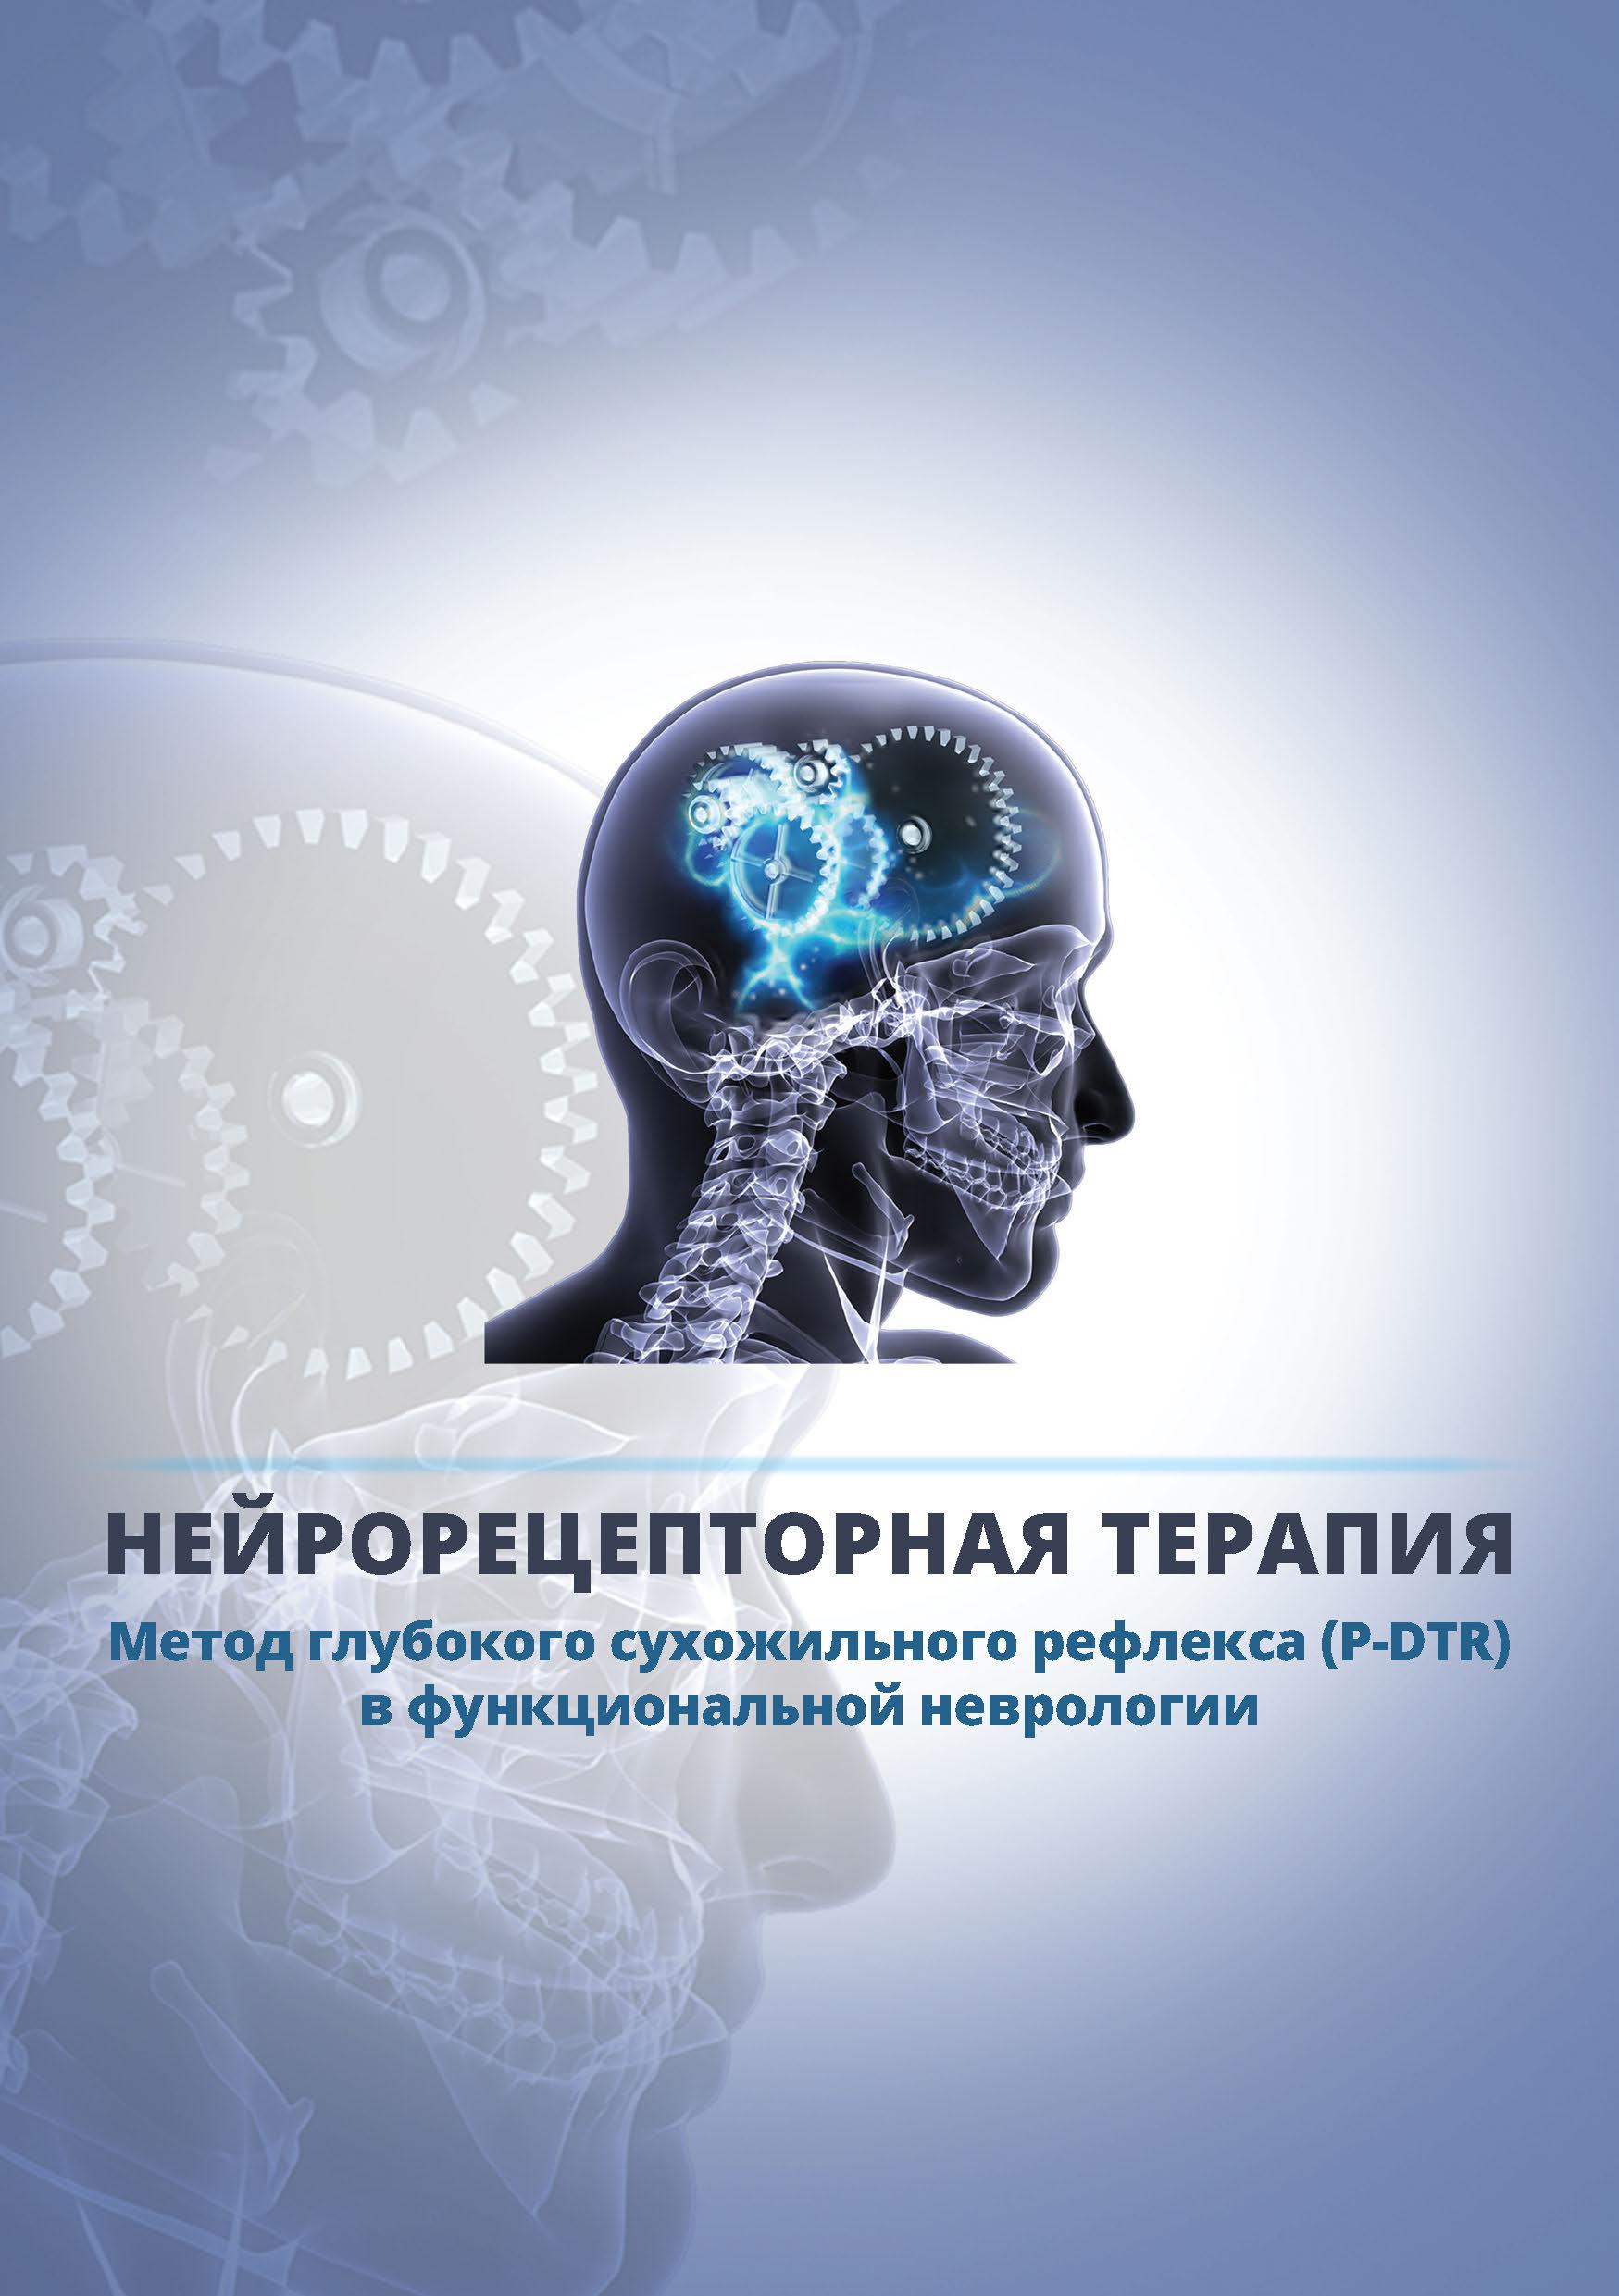 институт кинезиологии на новочеркасской